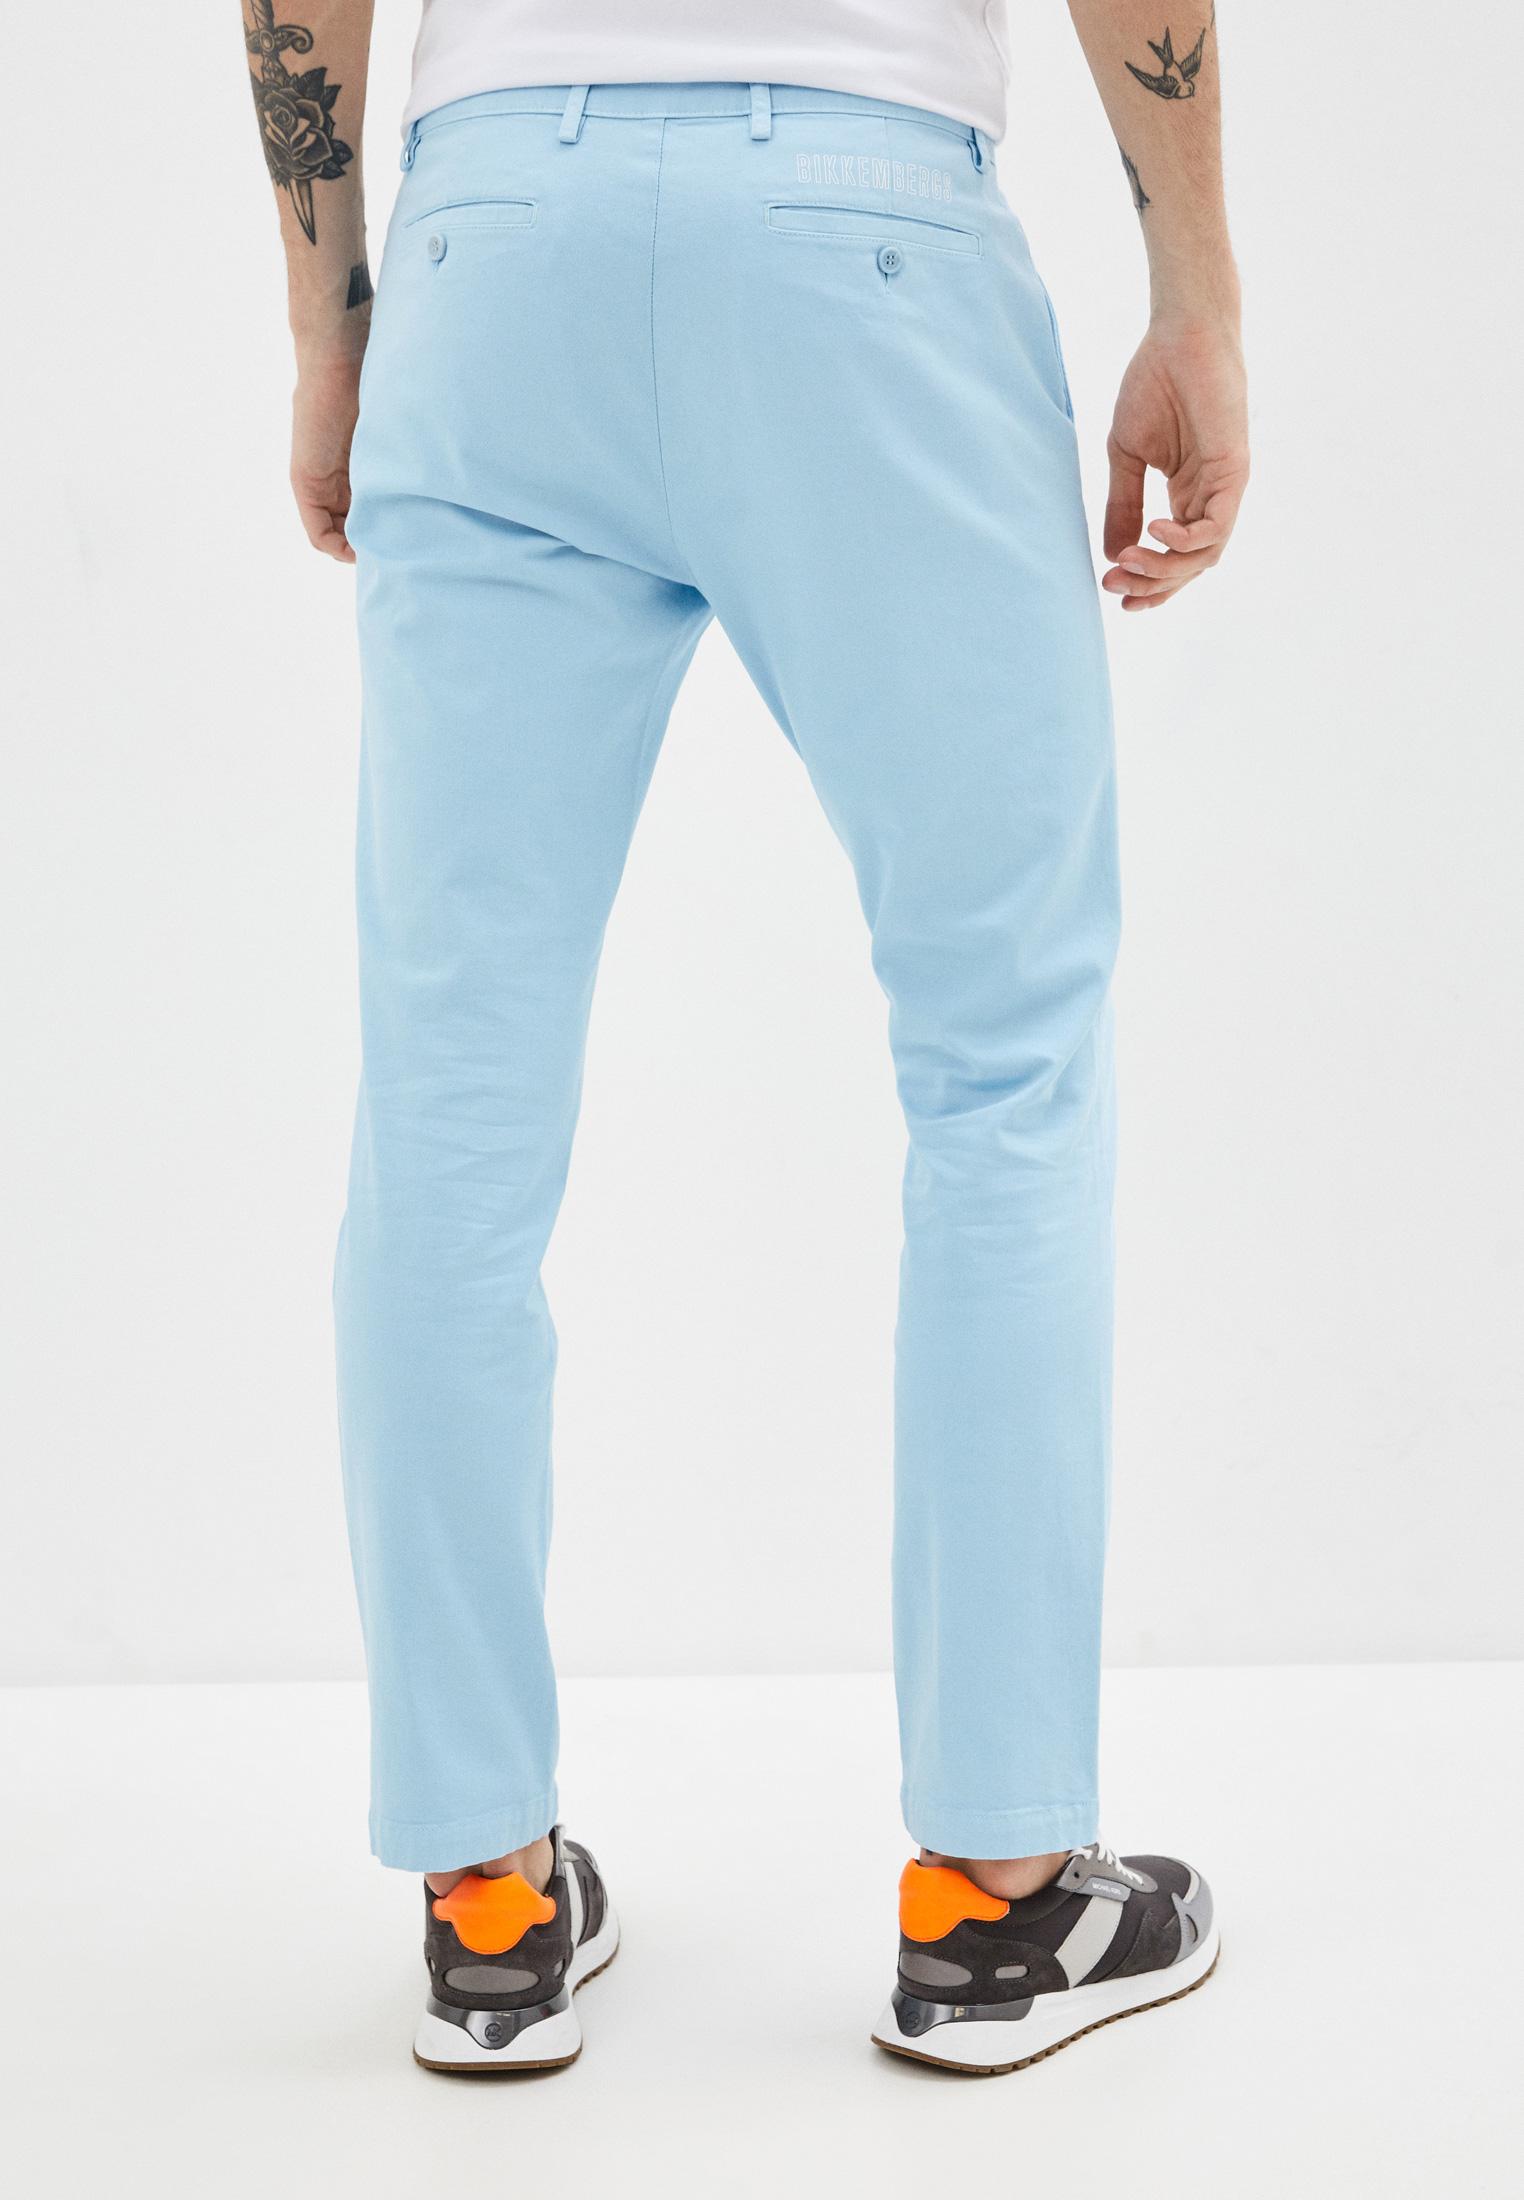 Мужские повседневные брюки Bikkembergs (Биккембергс) C P 001 01 S 3394: изображение 3